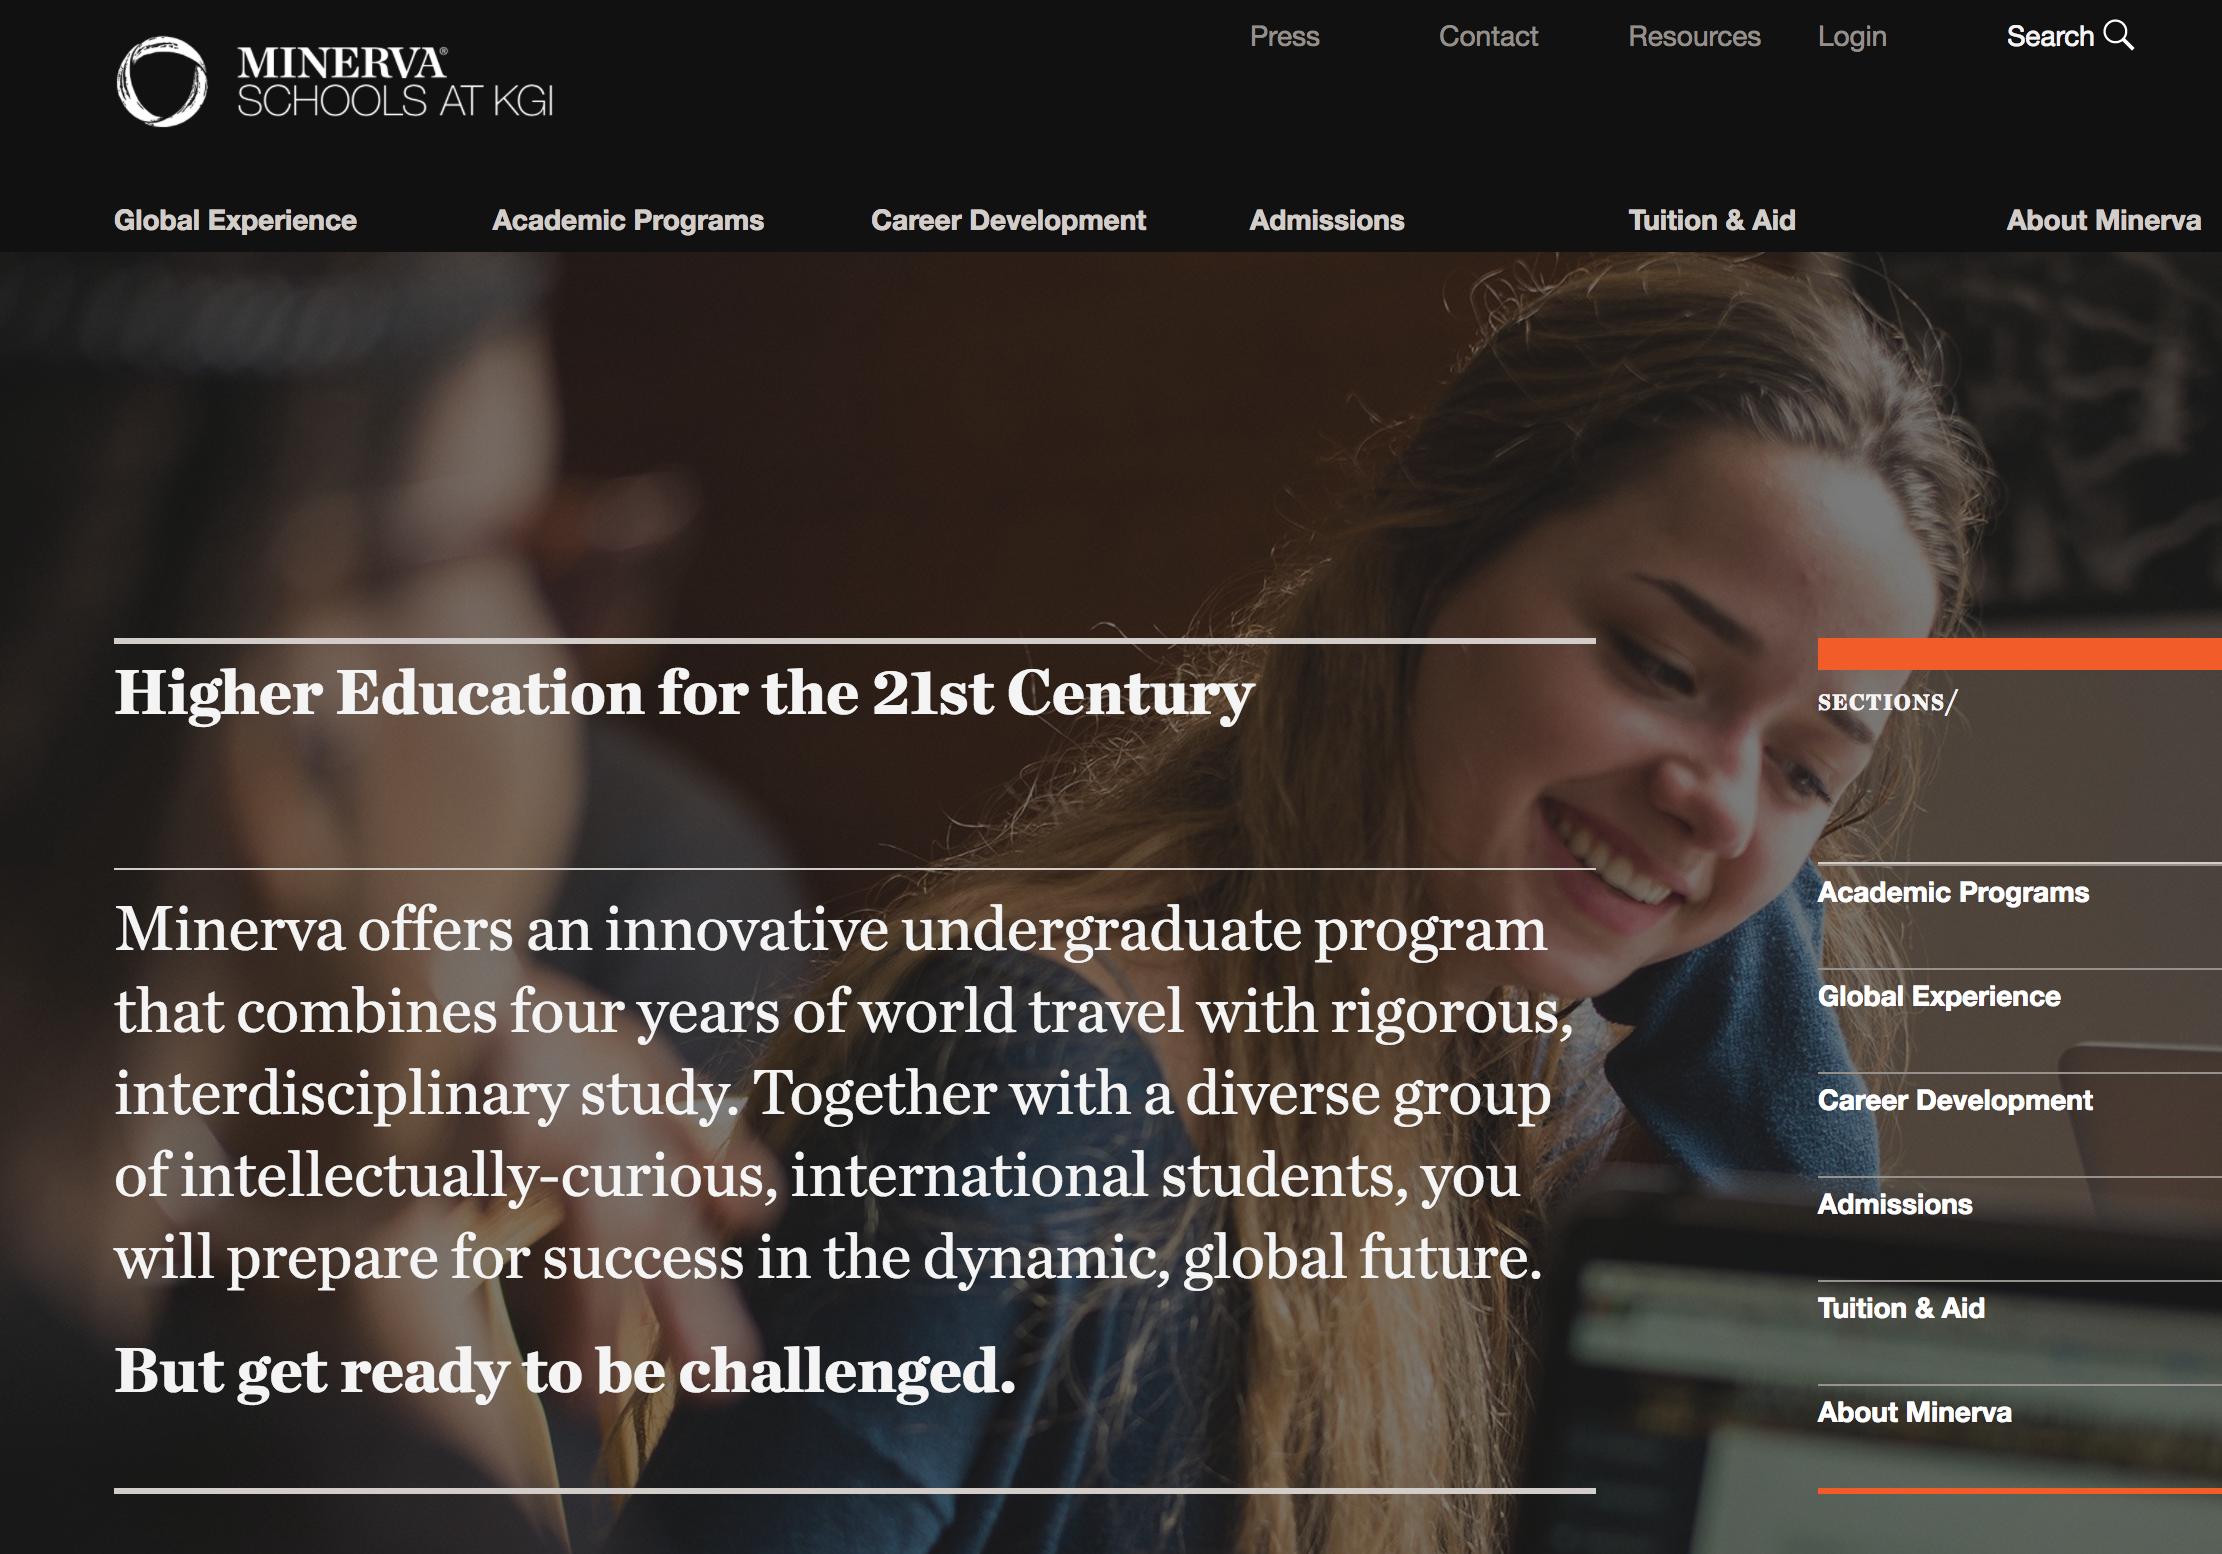 Minerva Schools at KGI ウェブサイト